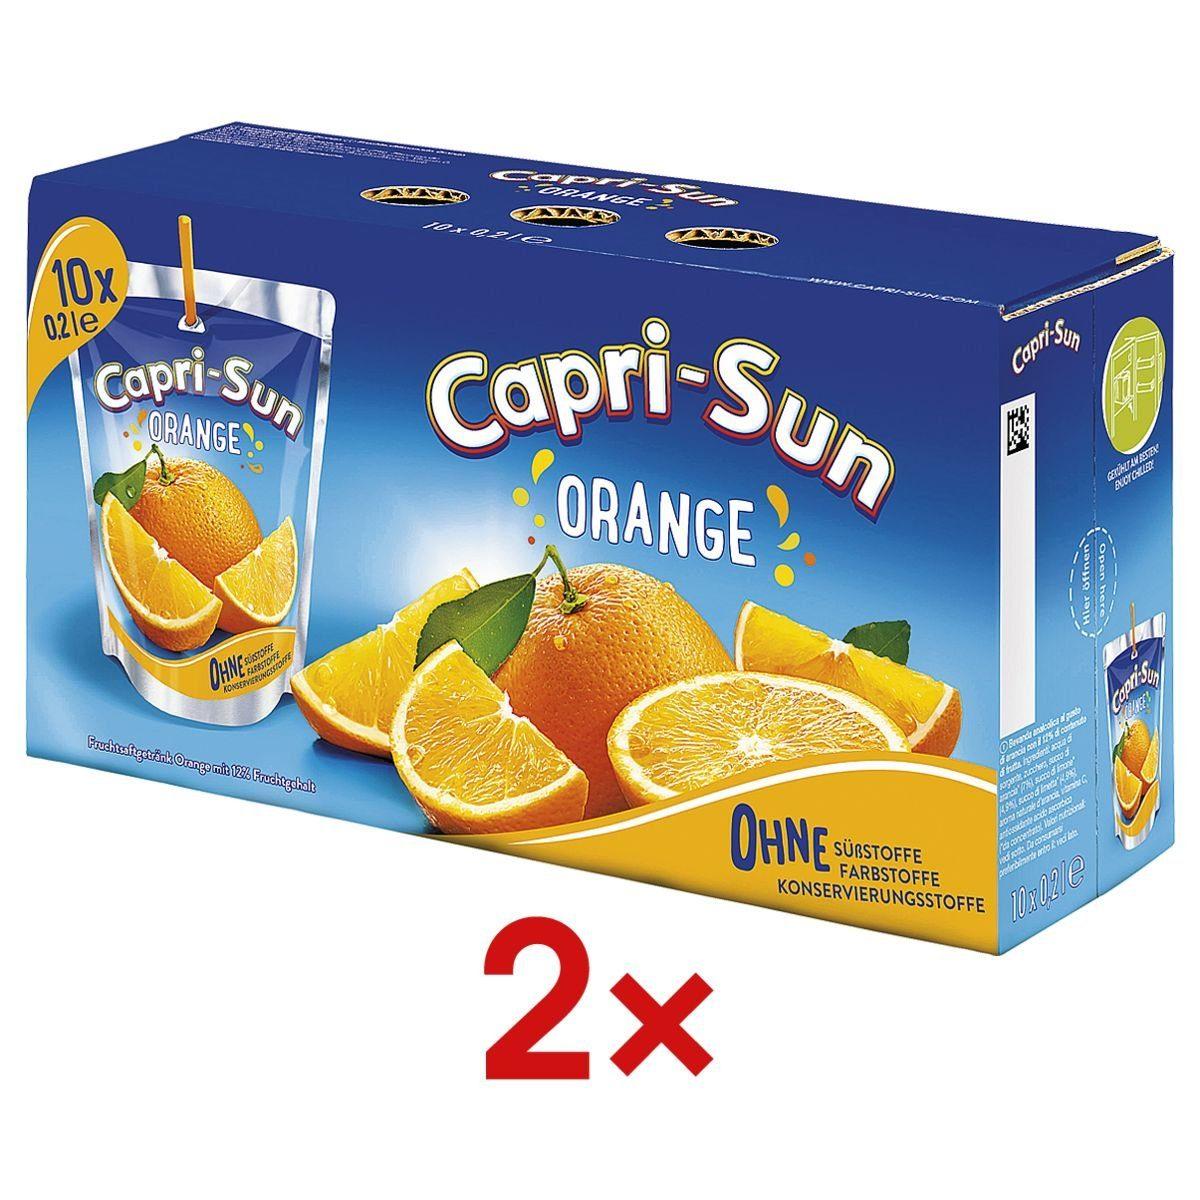 2 Packungen Fruchtsaftgetränk »Capri-Sun Orange« 1 Set